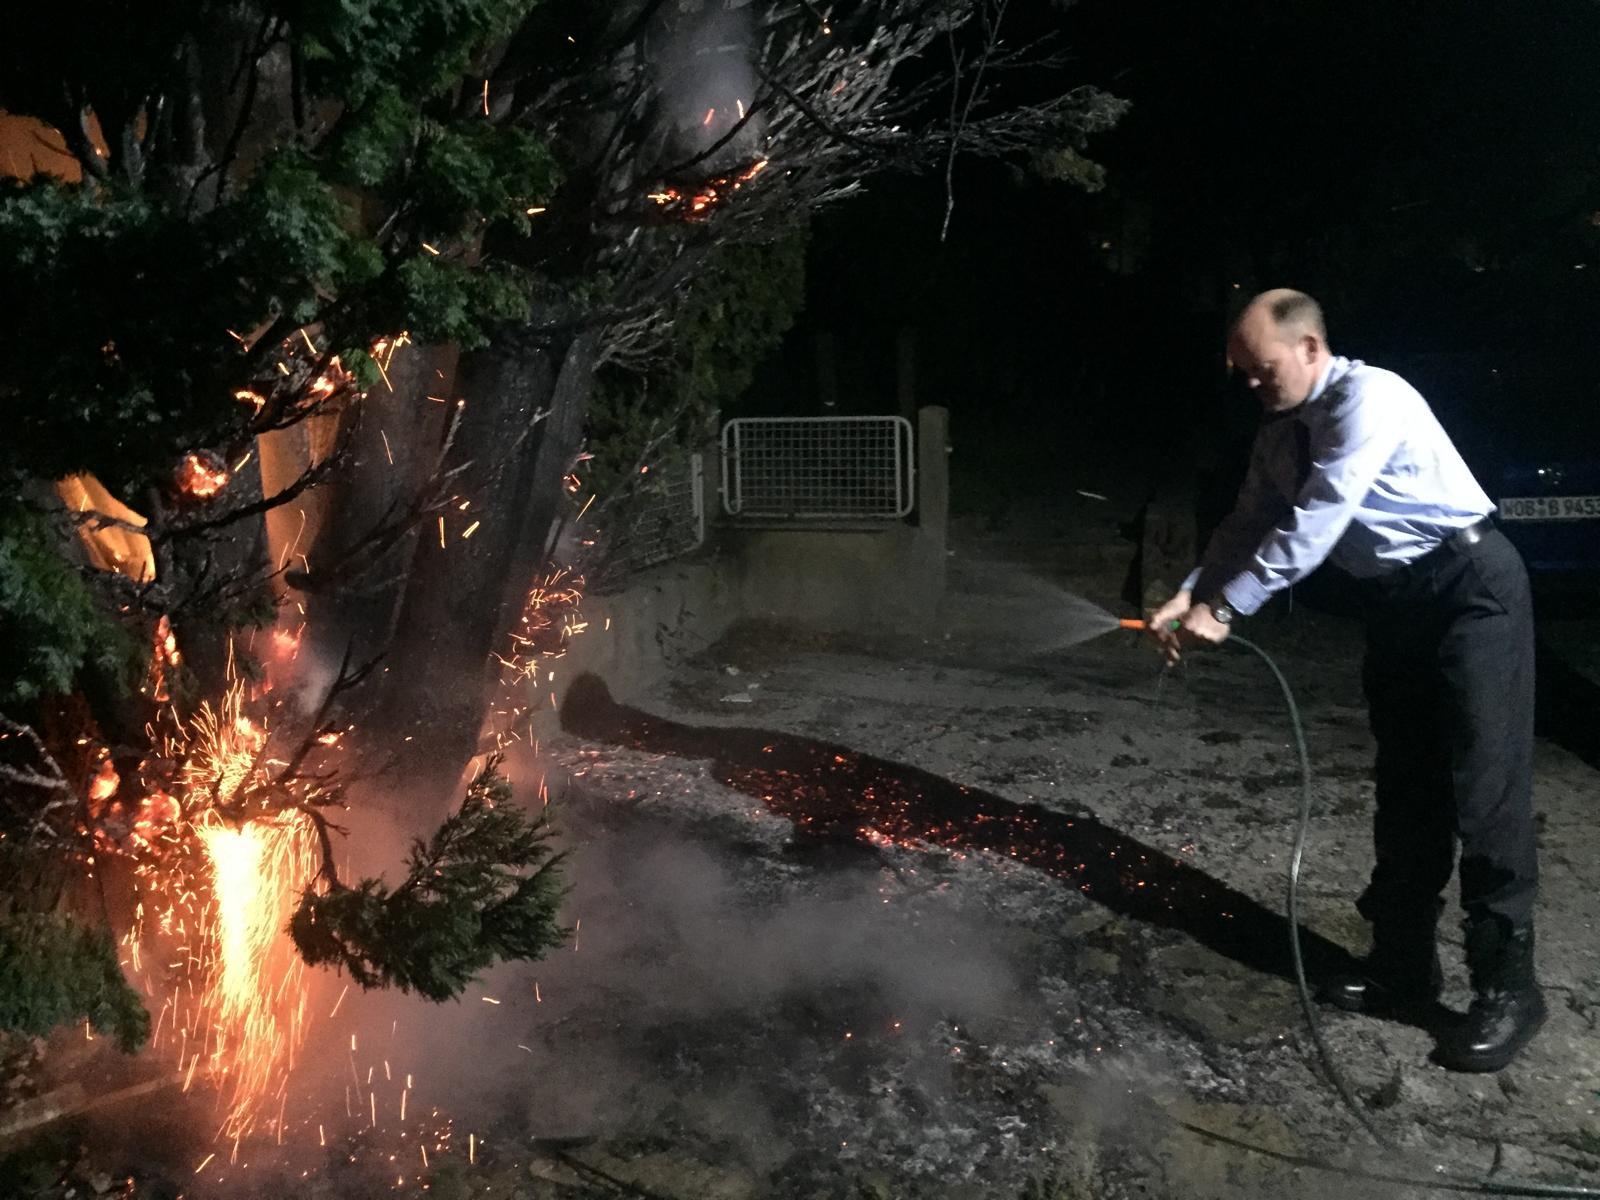 Mutig gegen die Feuersbrunst mit dem Gartenschlauch